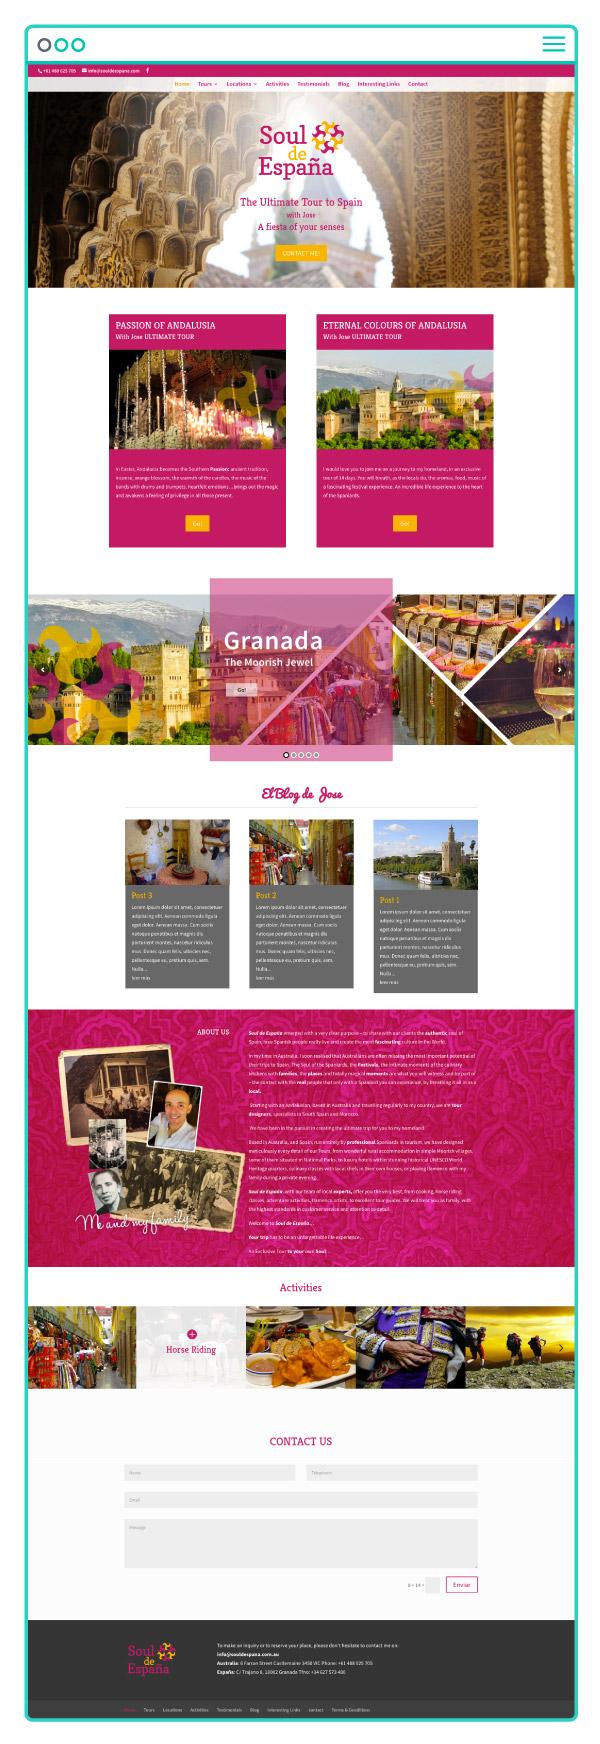 Desarrollo y diseño web a medida de Soul de España